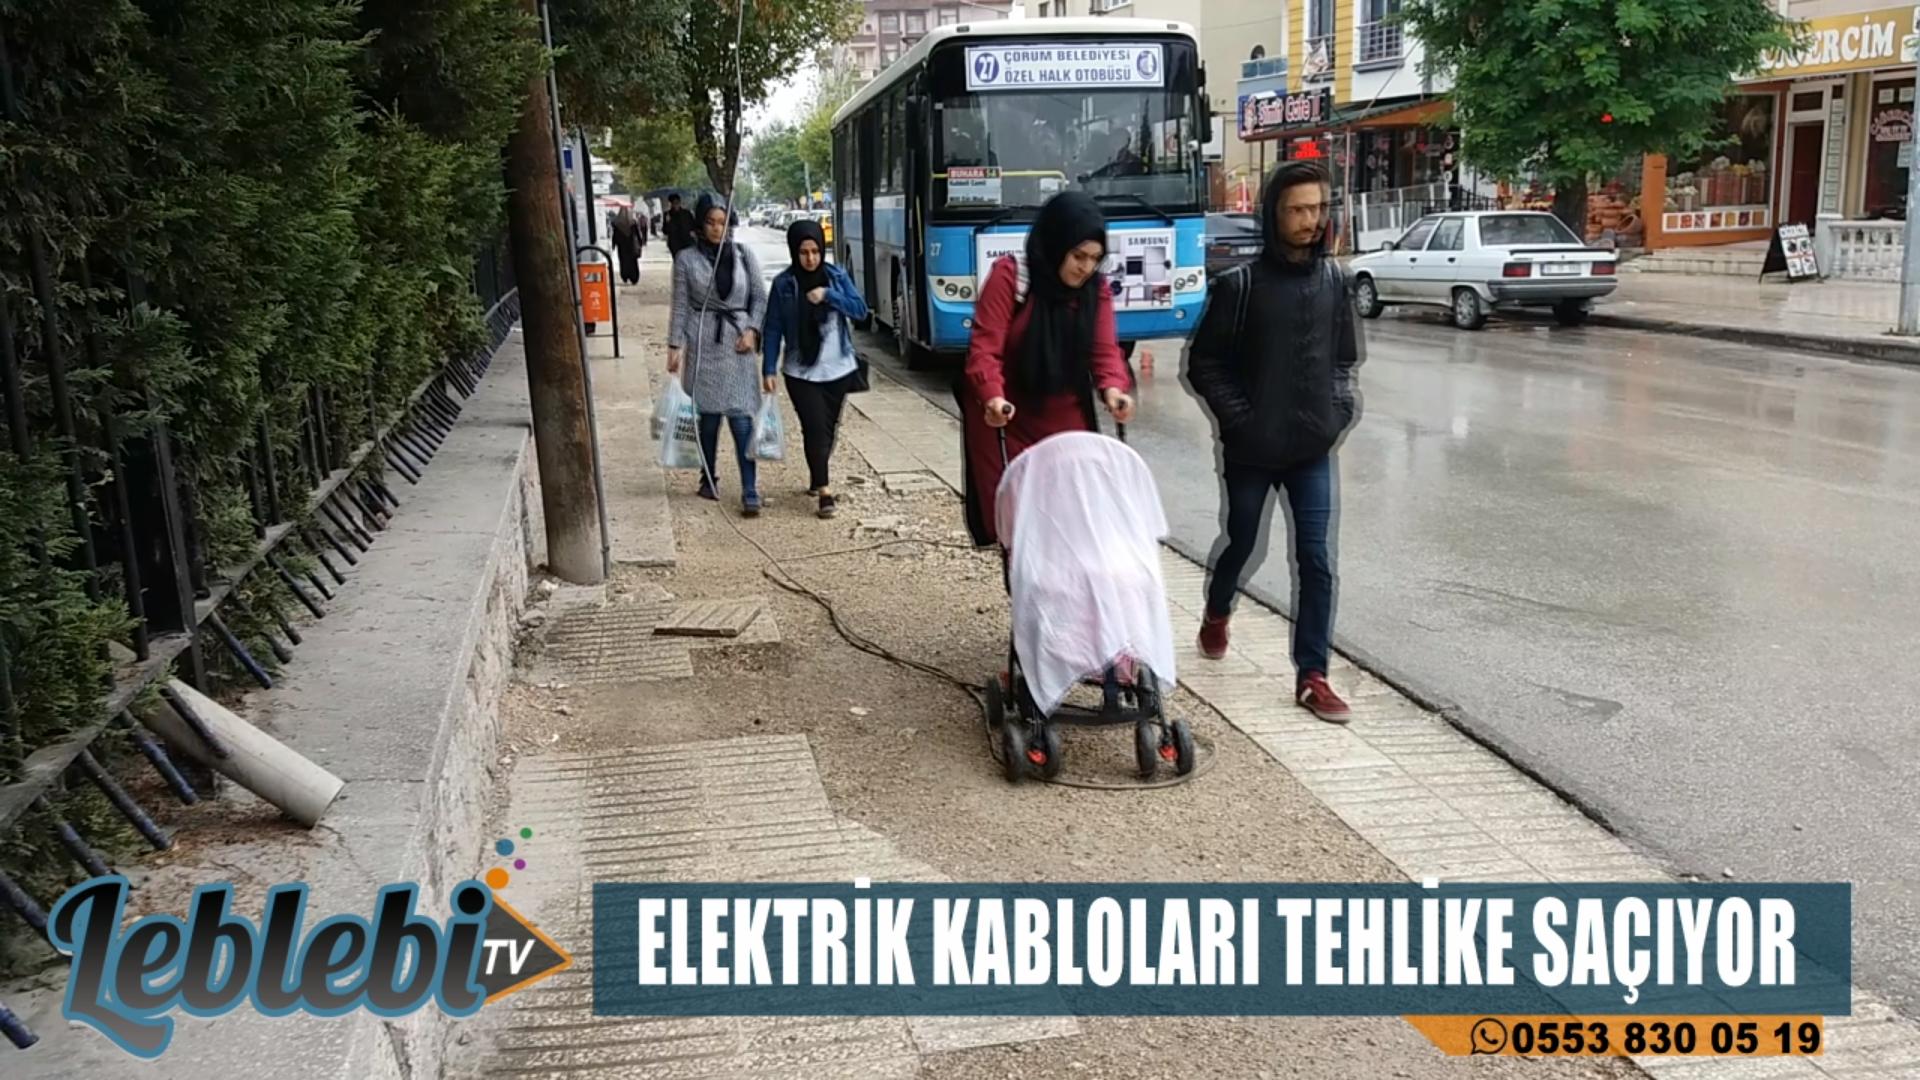 ELEKTRİK KABLOLARI TEHLİKE SAÇIYOR!